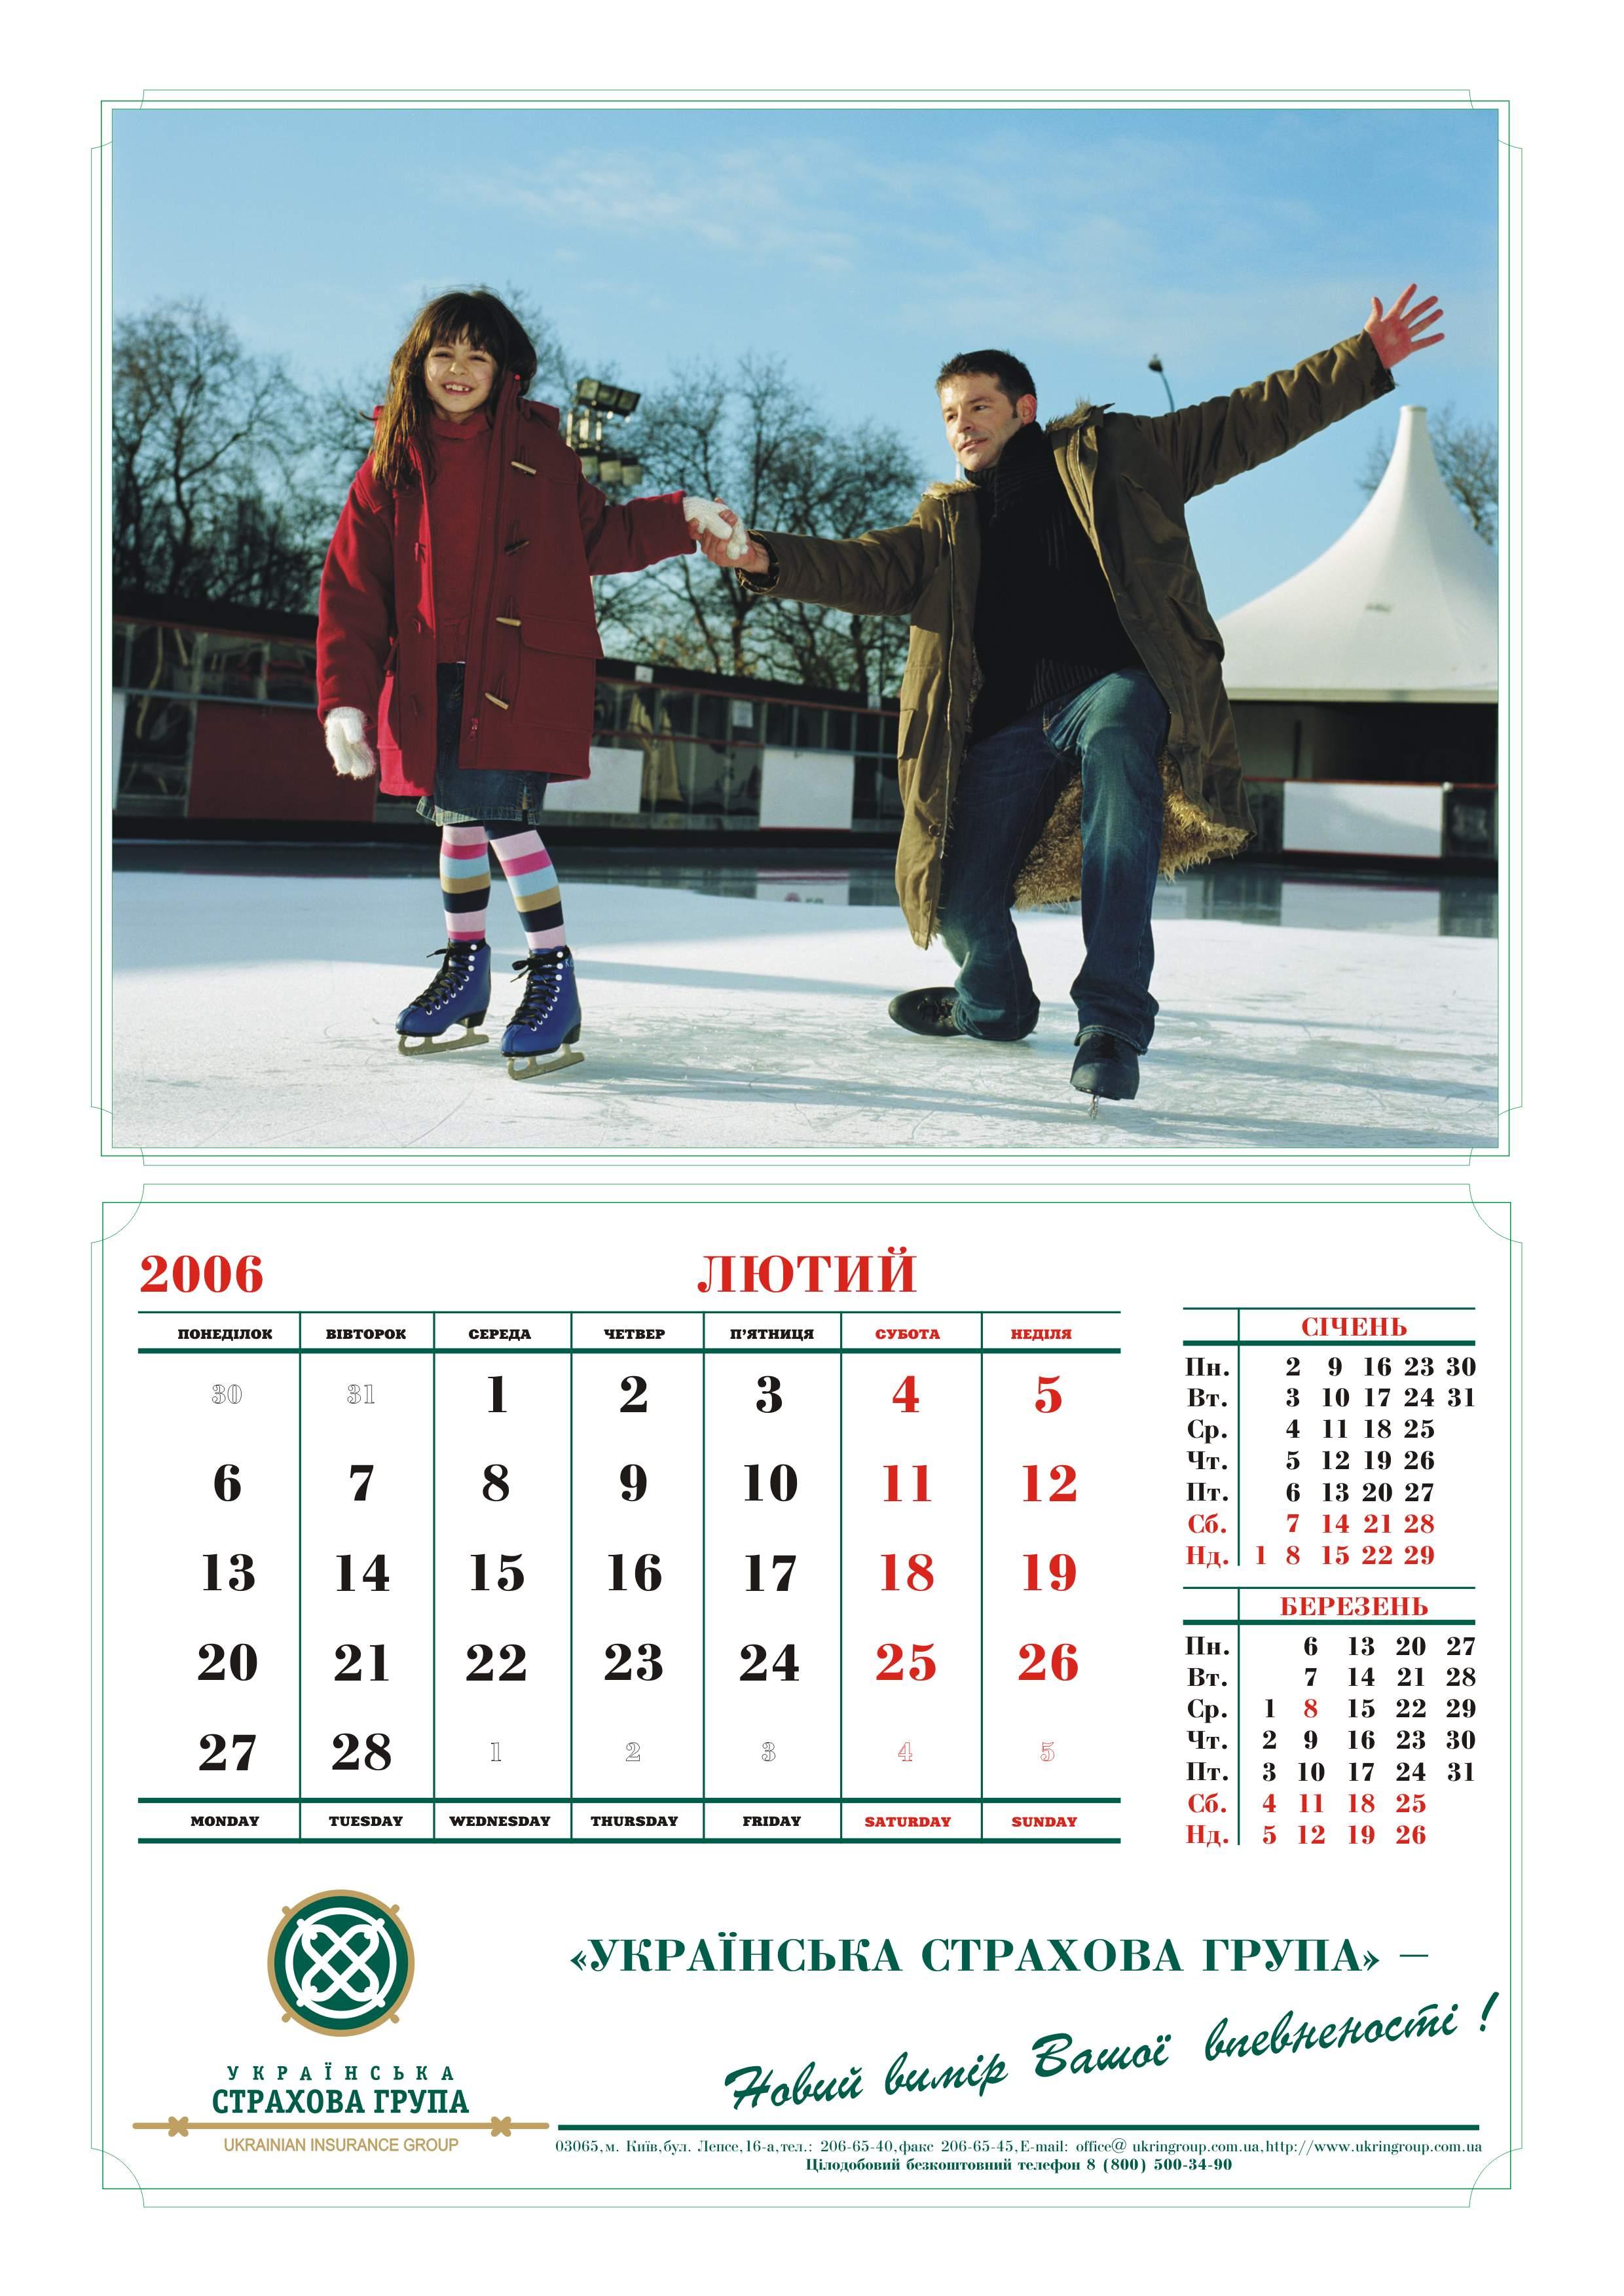 Дизайн настенного перекидного календаря для страховой компании. Февраль